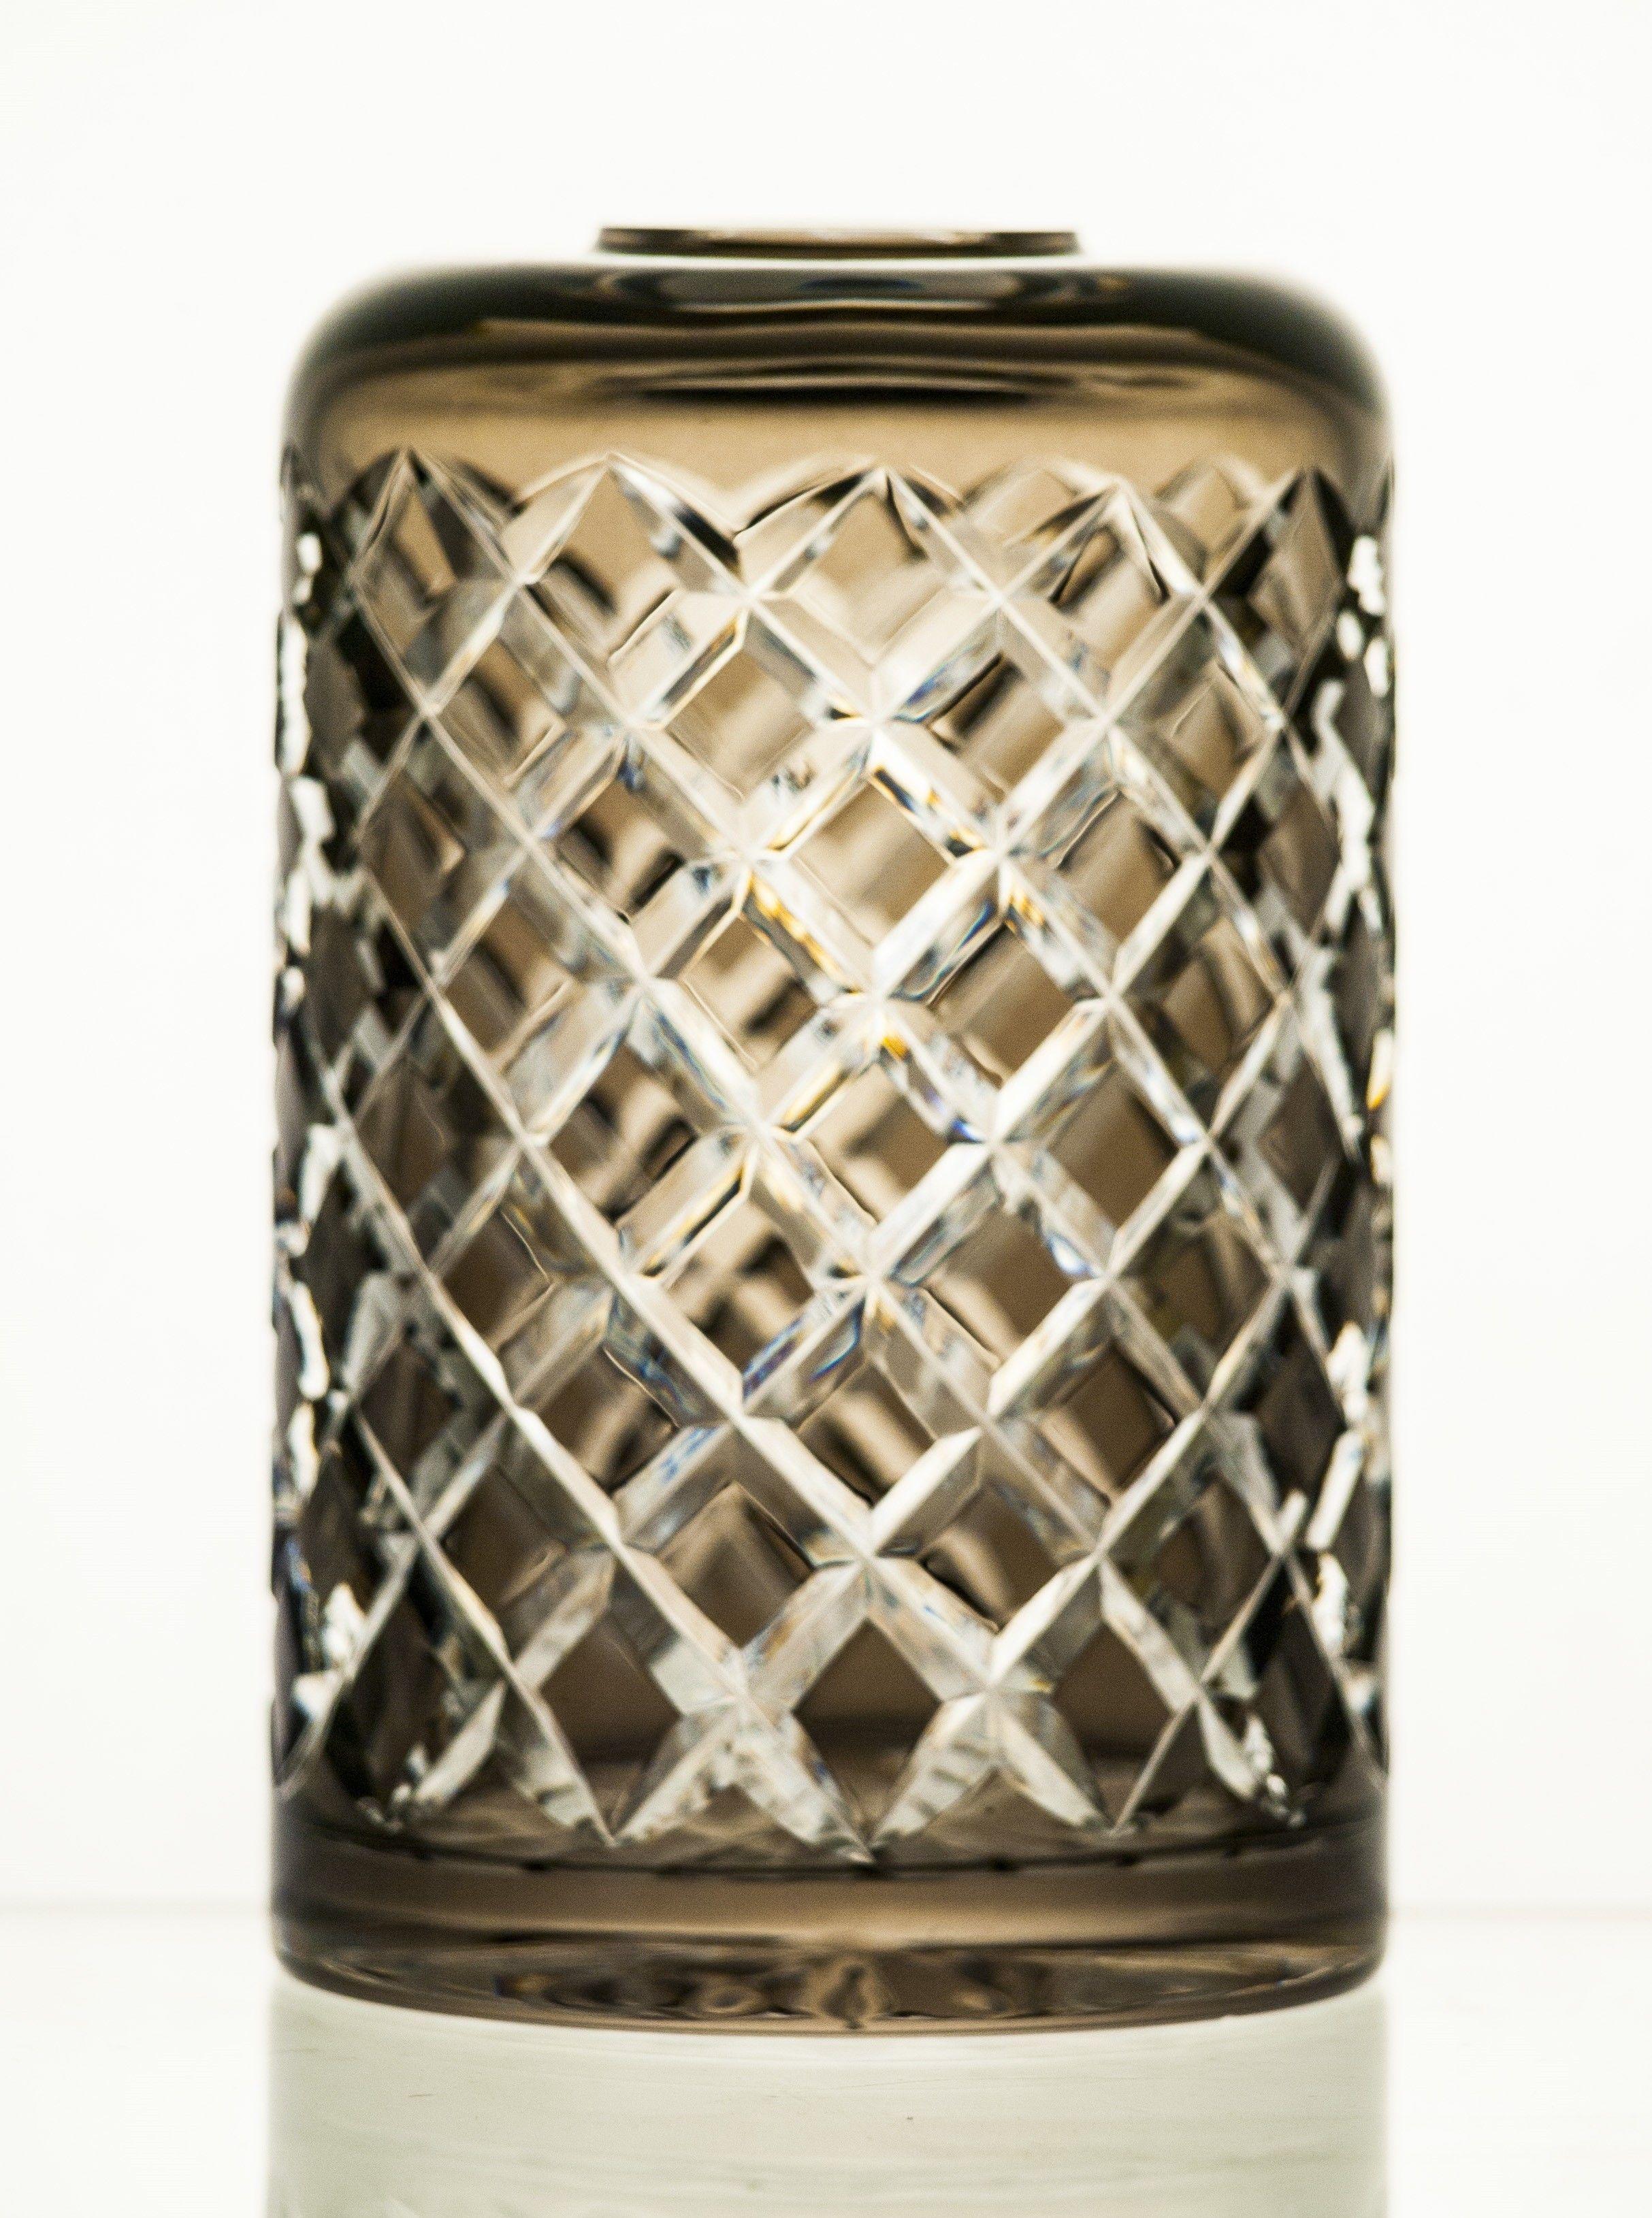 Wazon lub pojemnik na zapachy kryształowy kolorowy (16162)